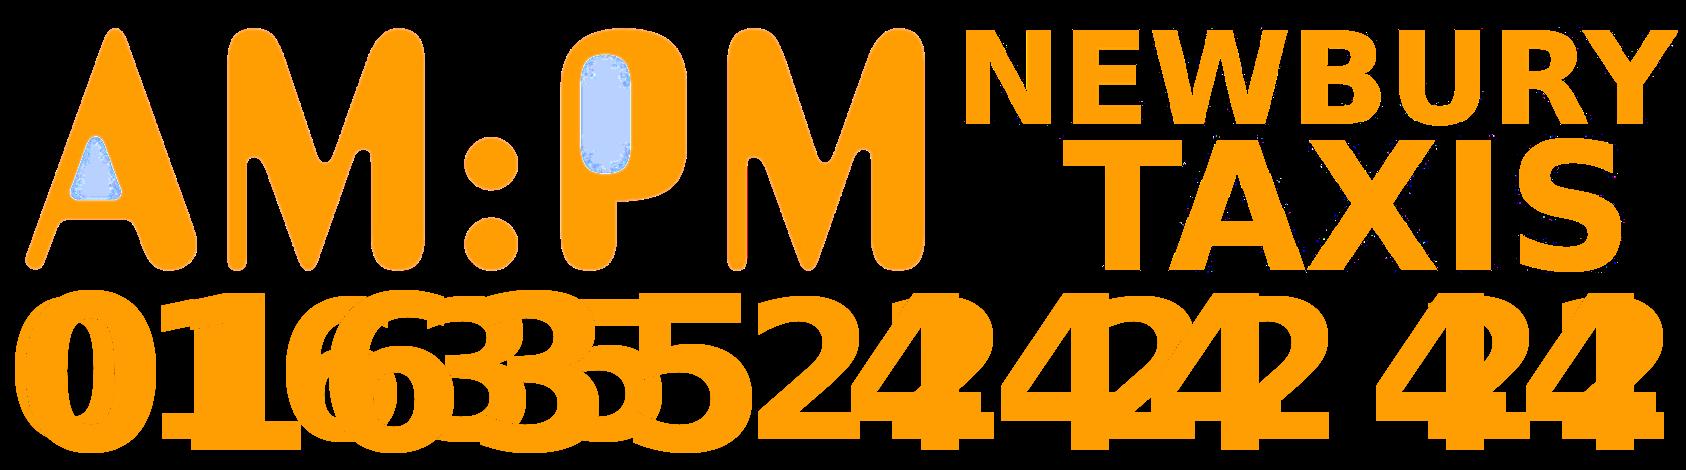 AMPM Taxis Newbury